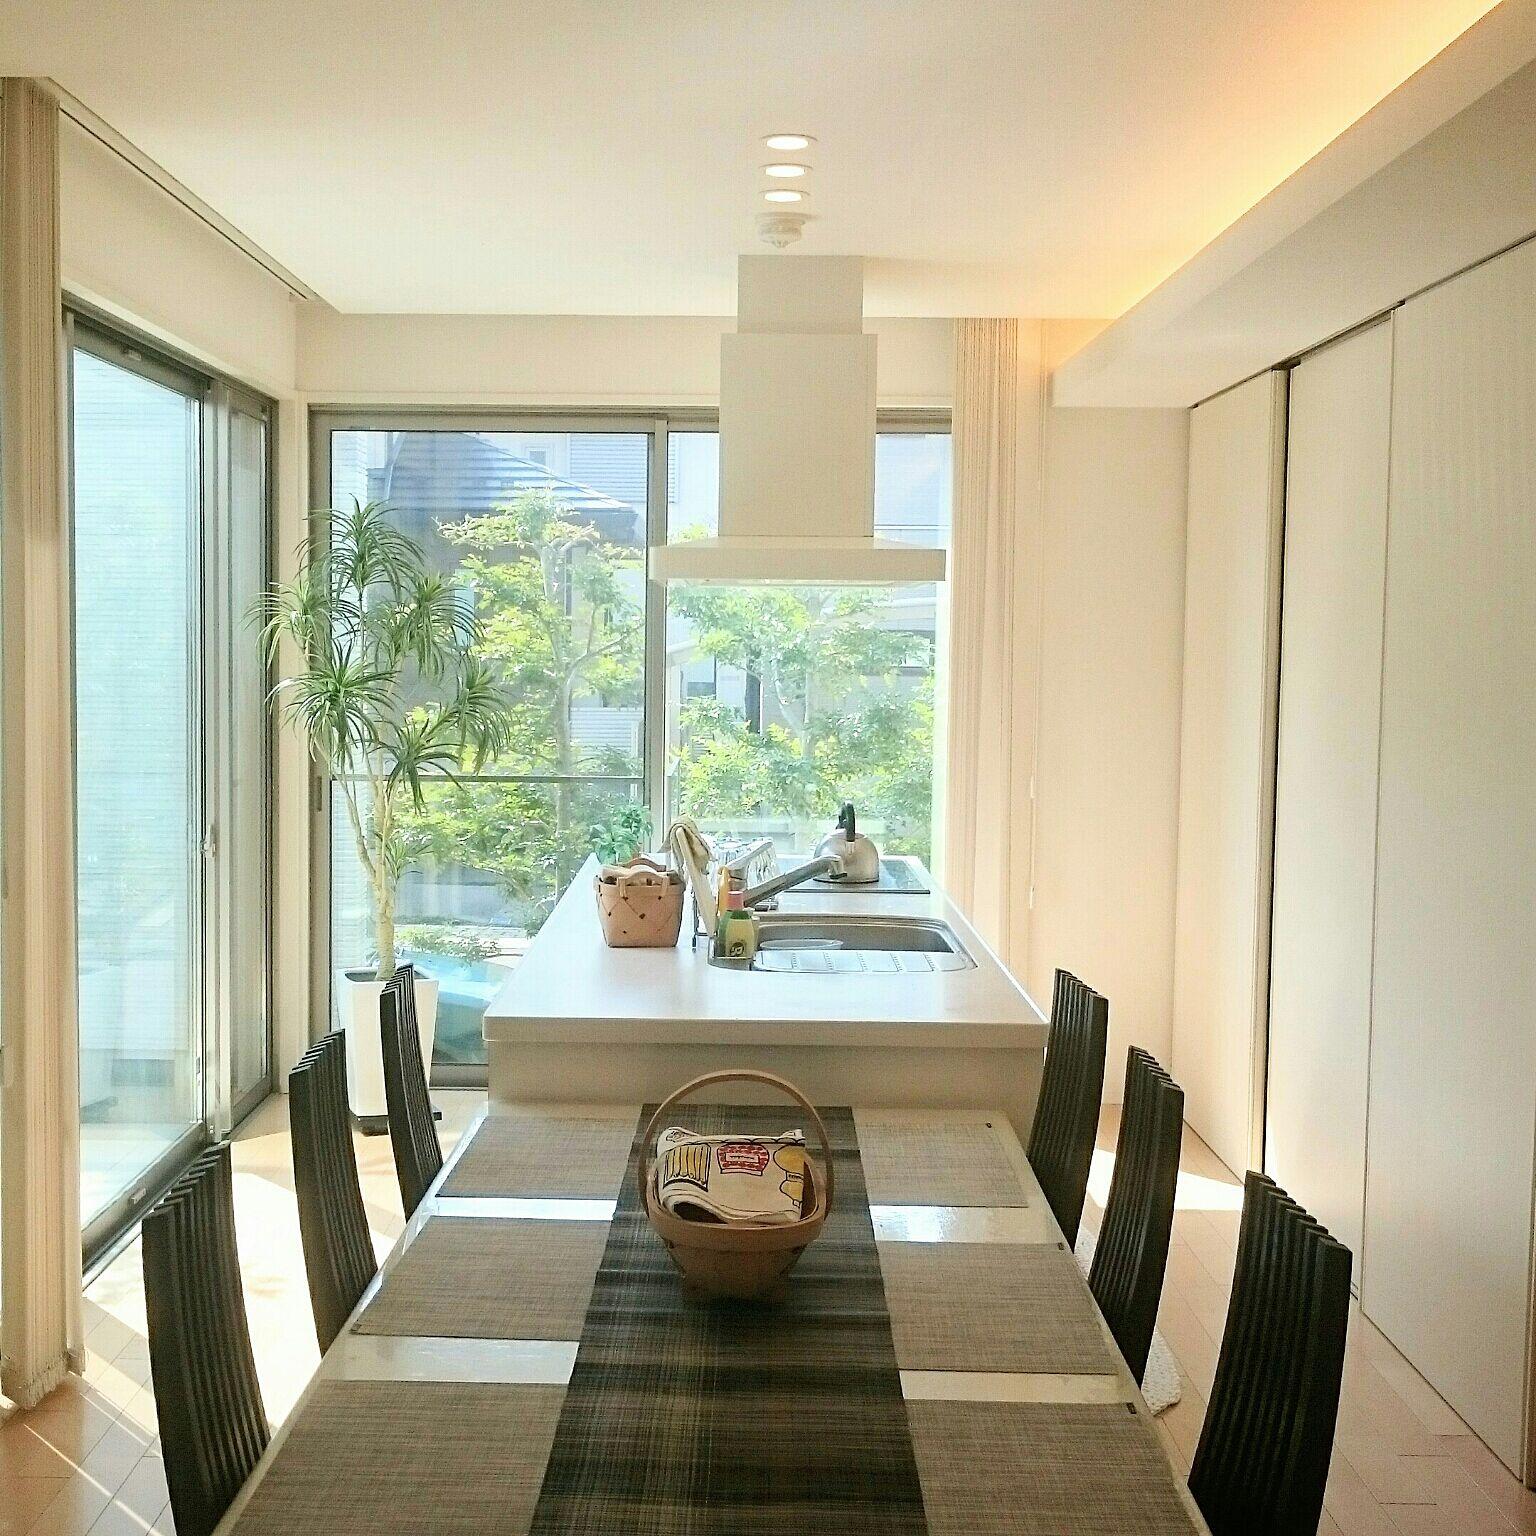 「キッチンは家庭を支える場所。立つ人を想い、環境にこだわって。」 by J.Kさん